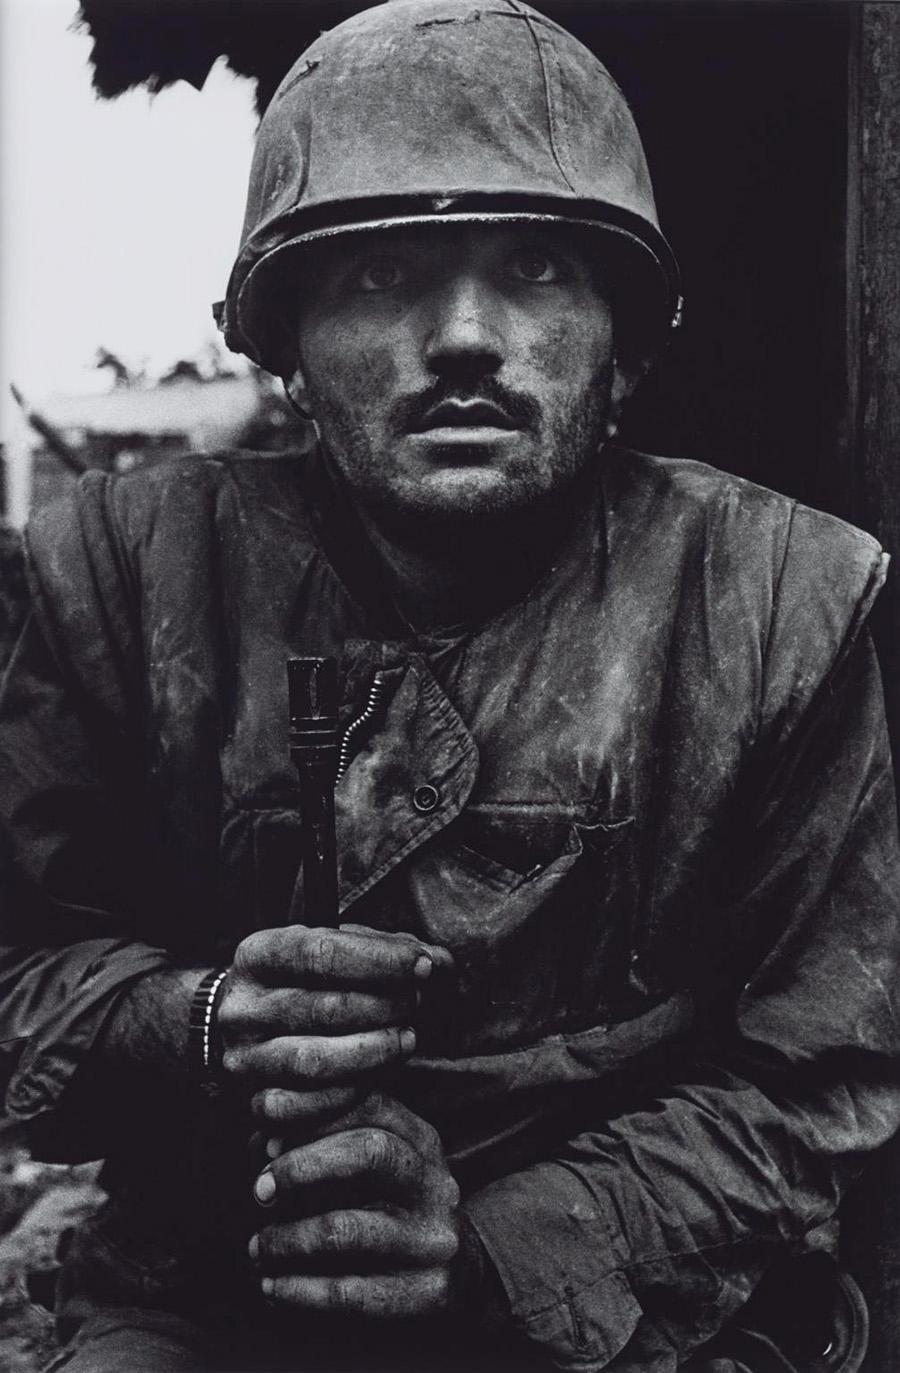 McCullin egyik leghíresebb fotója: sokkot kapott tengerészgyalogos közvetlenül azelőtt, hogy kivonták volna a frontvonalból. Myron Harrington századparancsnok szerint a háború után tartott összejöveteleken ez a bajtársuk sosem jelent meg, nem tudják, mi történt vele azután.